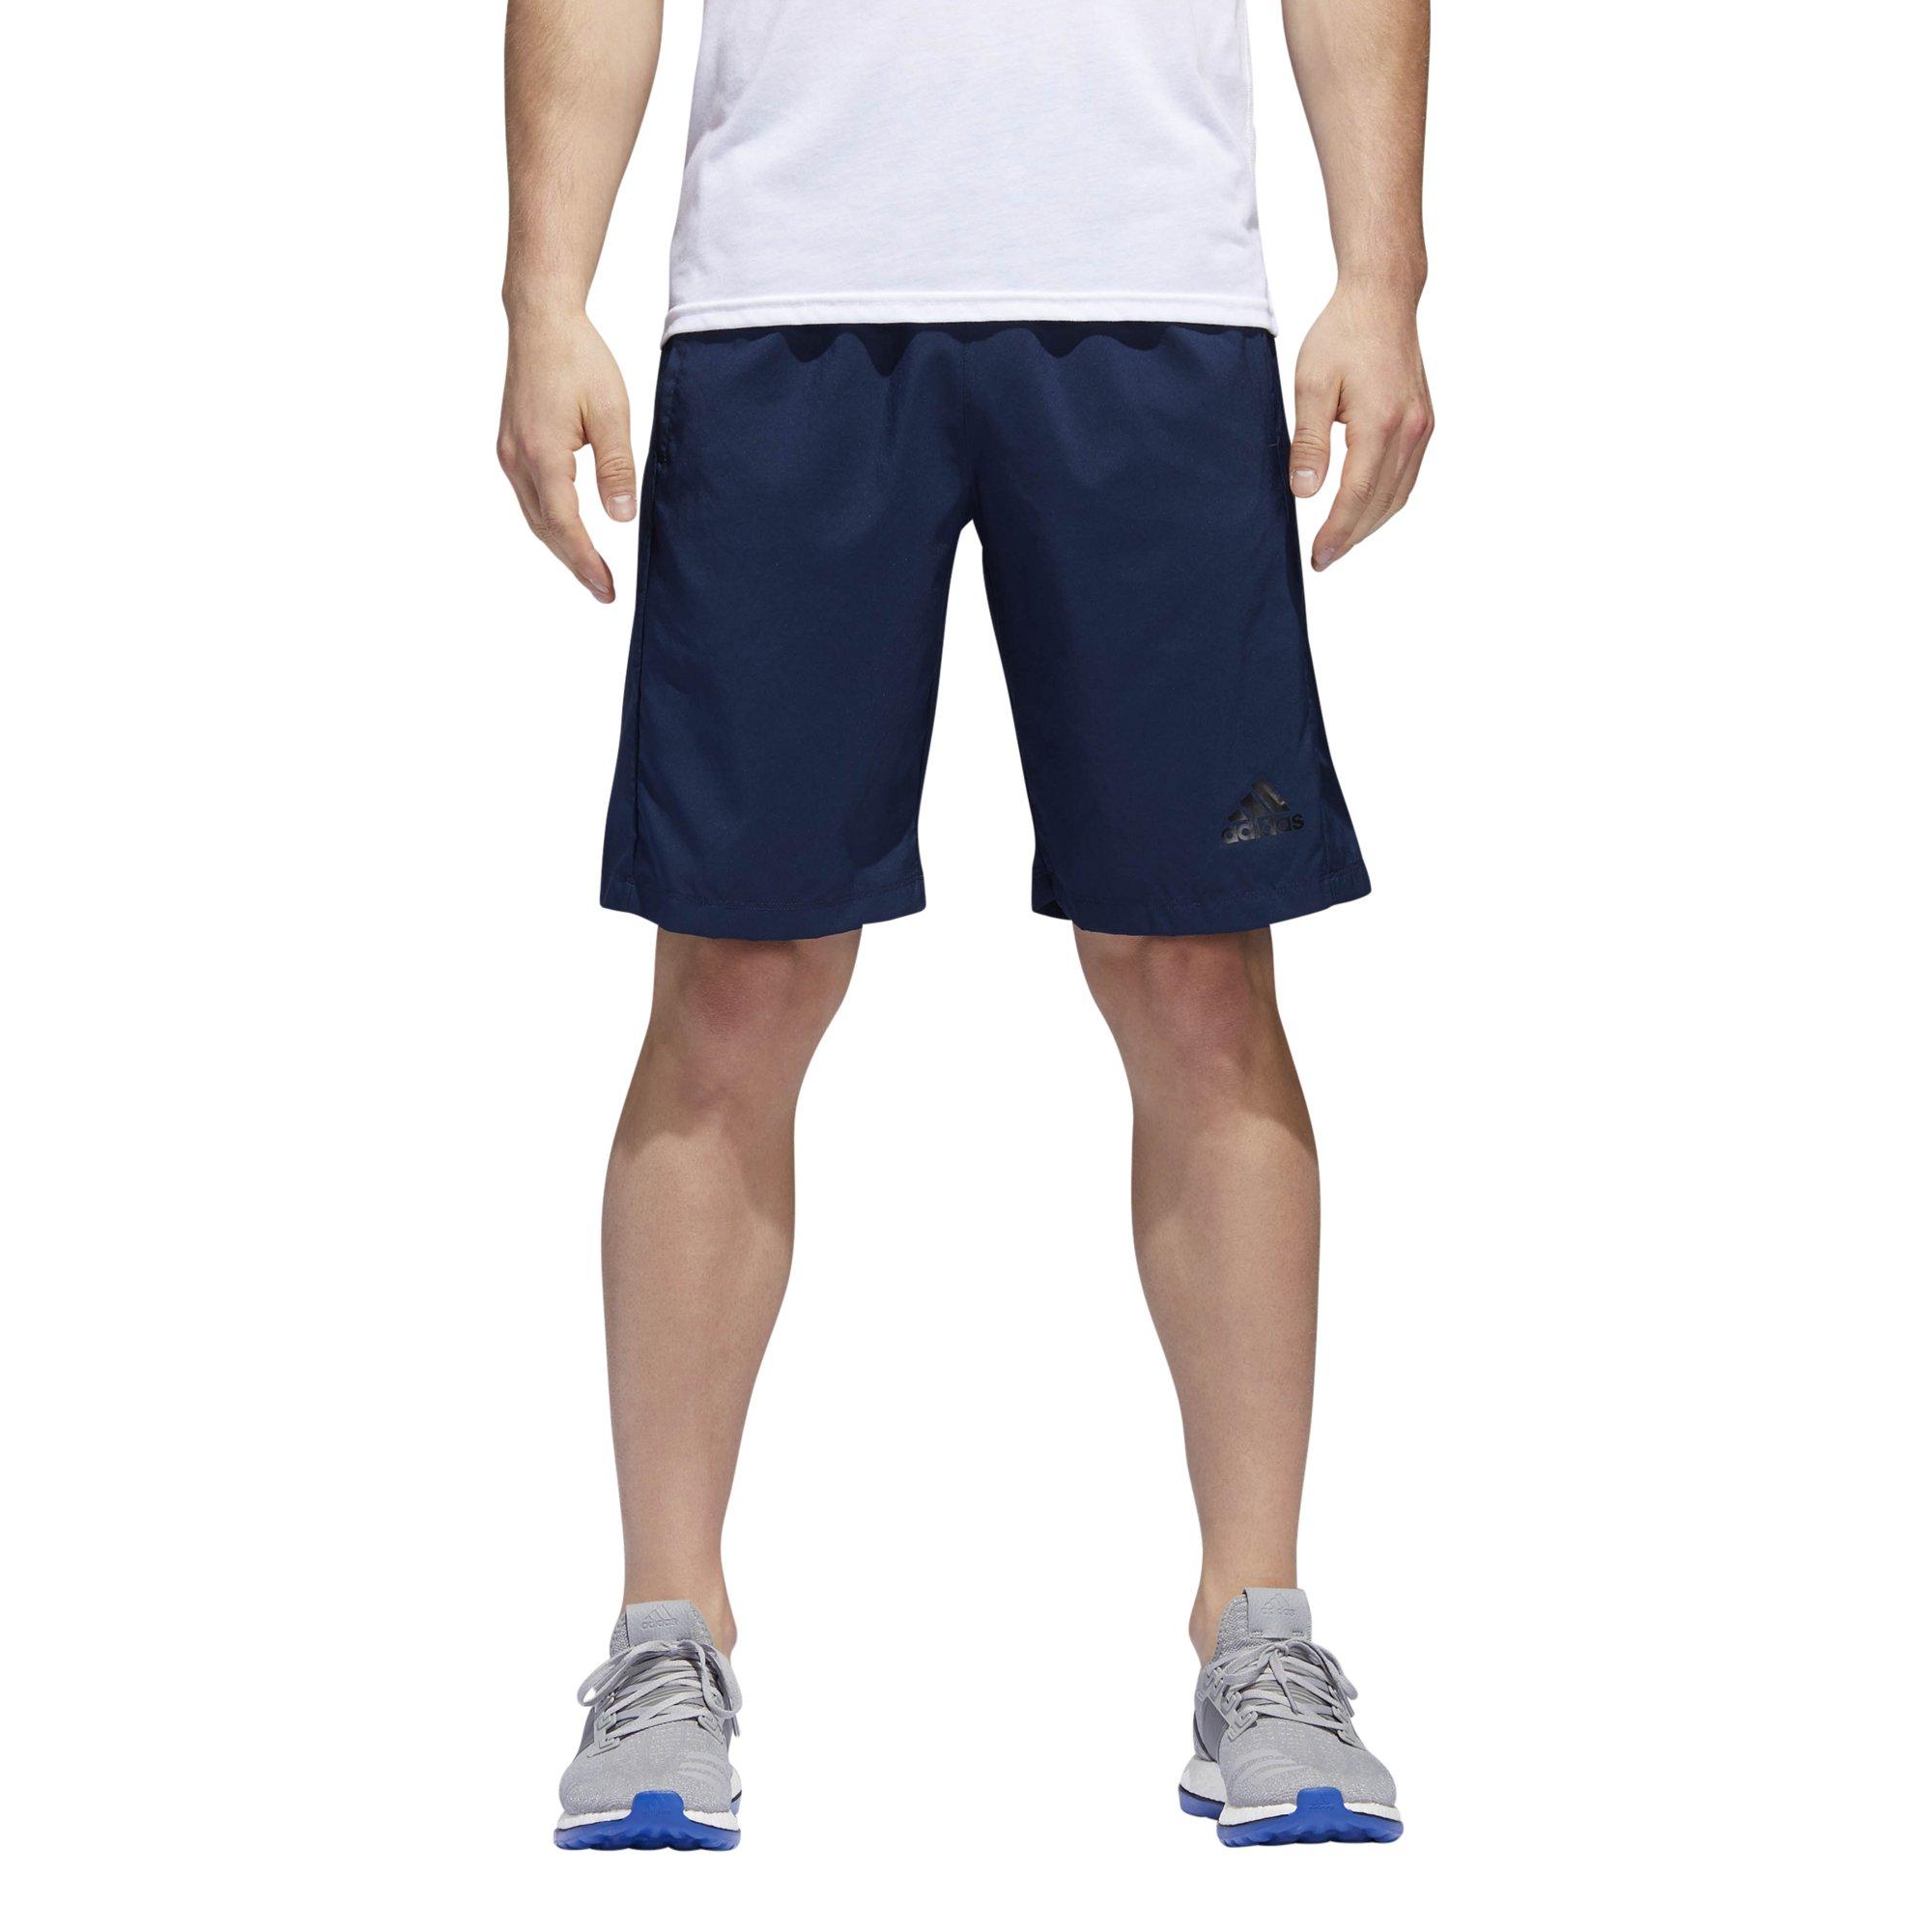 adidas Men's Designed-2-Move Shorts, Collegiate